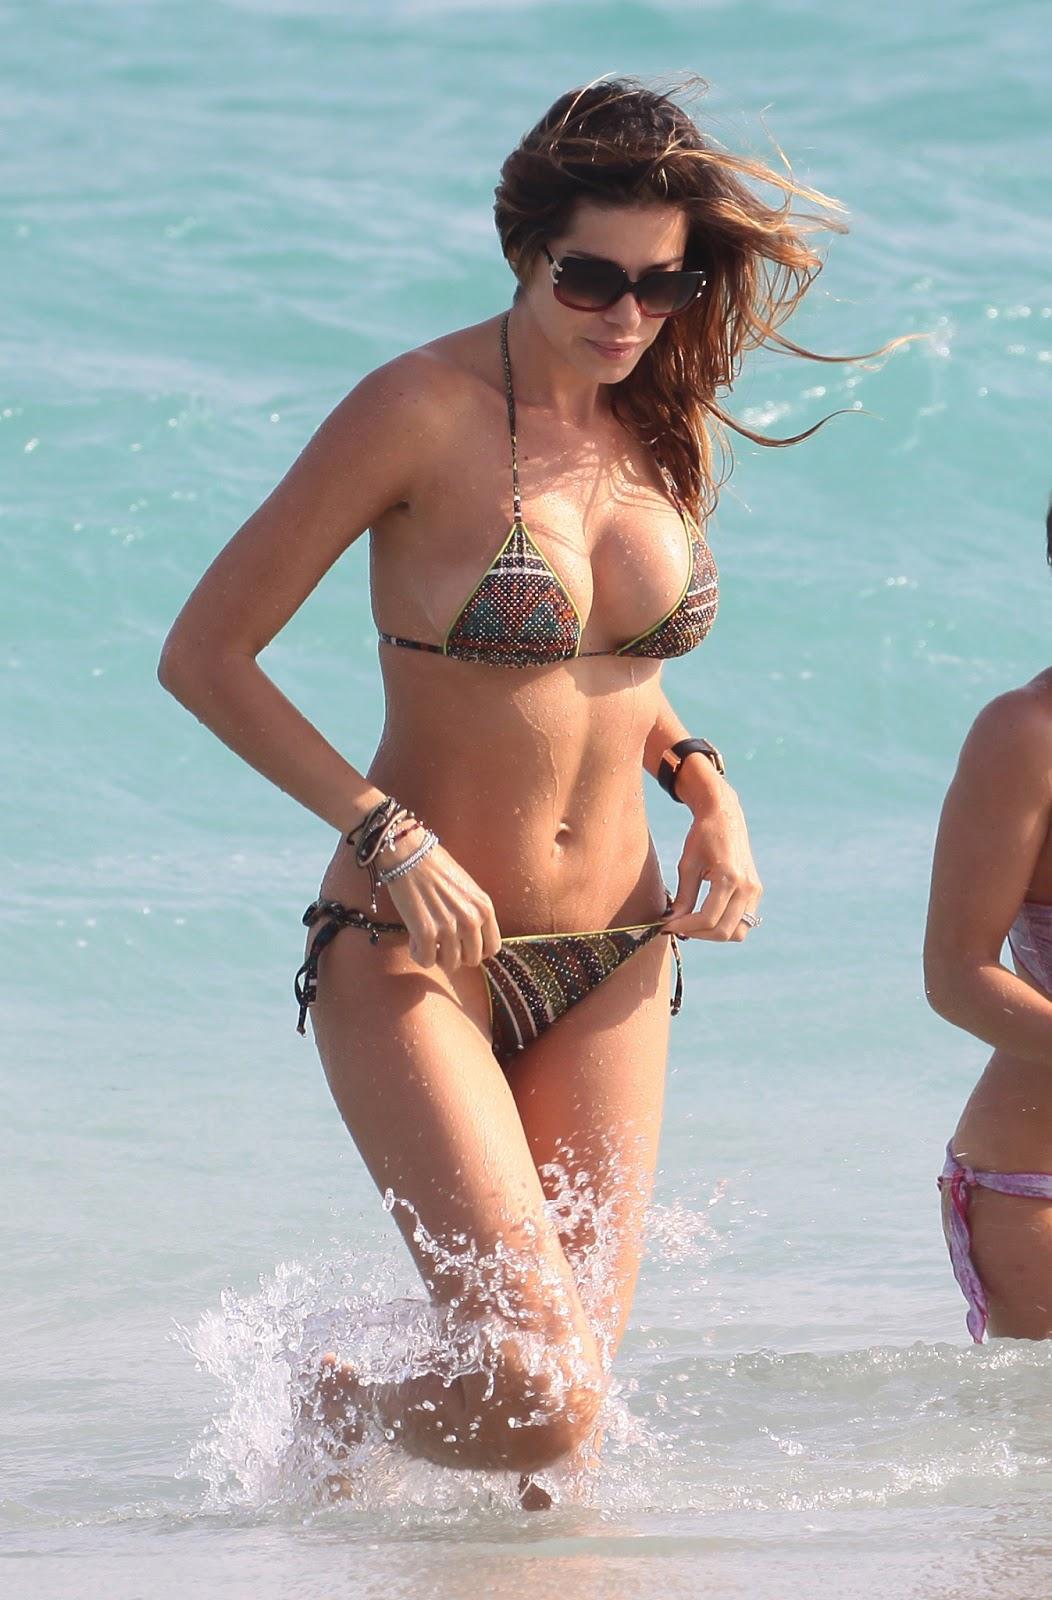 Hot Blog Post: Aida Yespica Bikini Candids On The Beach In ...